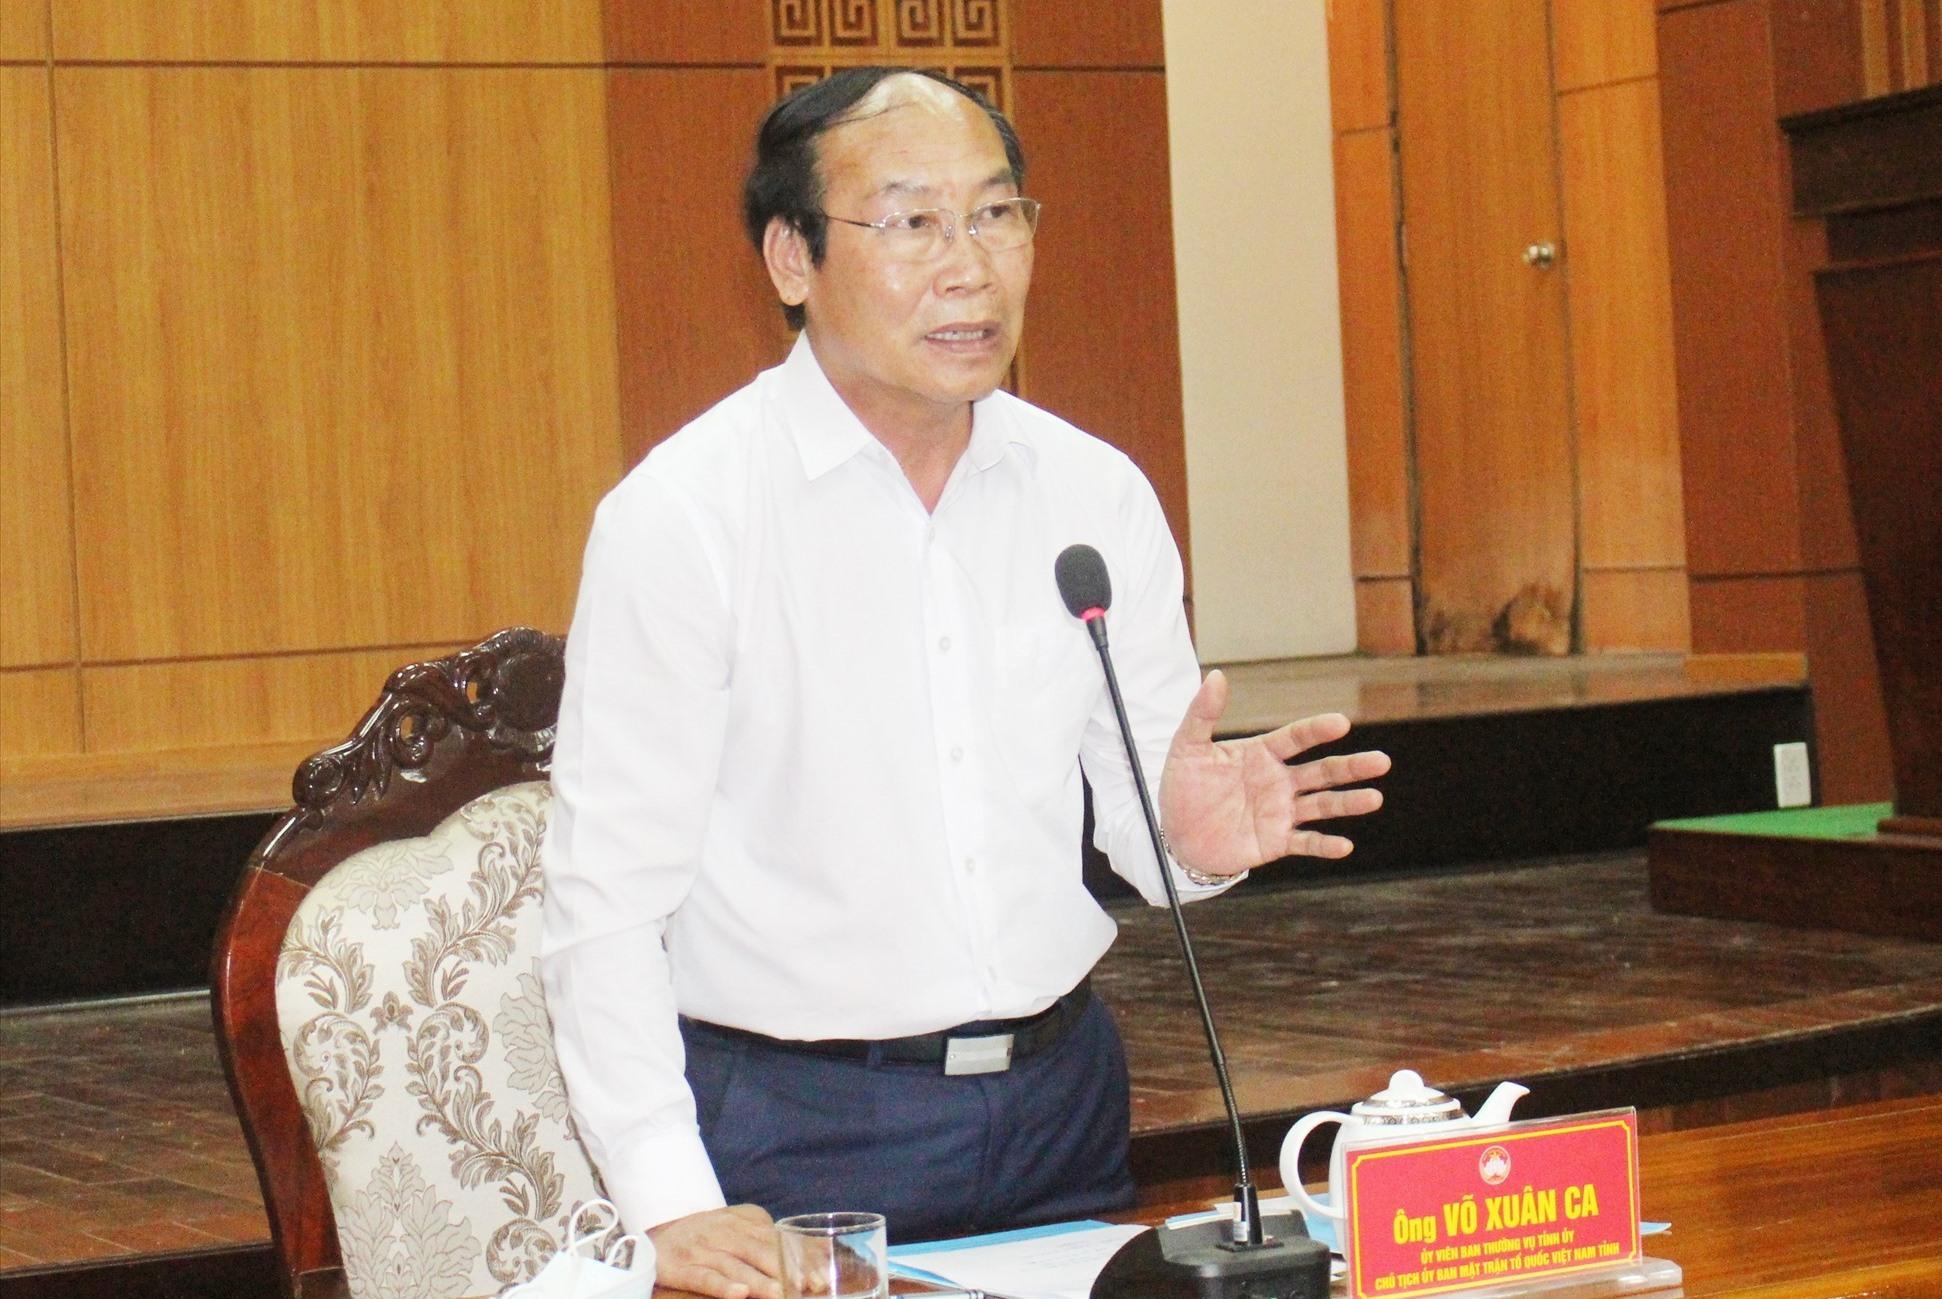 Chủ tịch Ủy ban MTTQ Việt Nam Võ Xuân Ca kêu gọi Ban Thường trực Ủy ban MTTQ Việt Nam các địa phương hưởng ứng tích cực kế hoạch vận động ủng hộ lương thực, thực phẩm cho nhân dân TP.Hồ Chí Minh. Ảnh: H.G